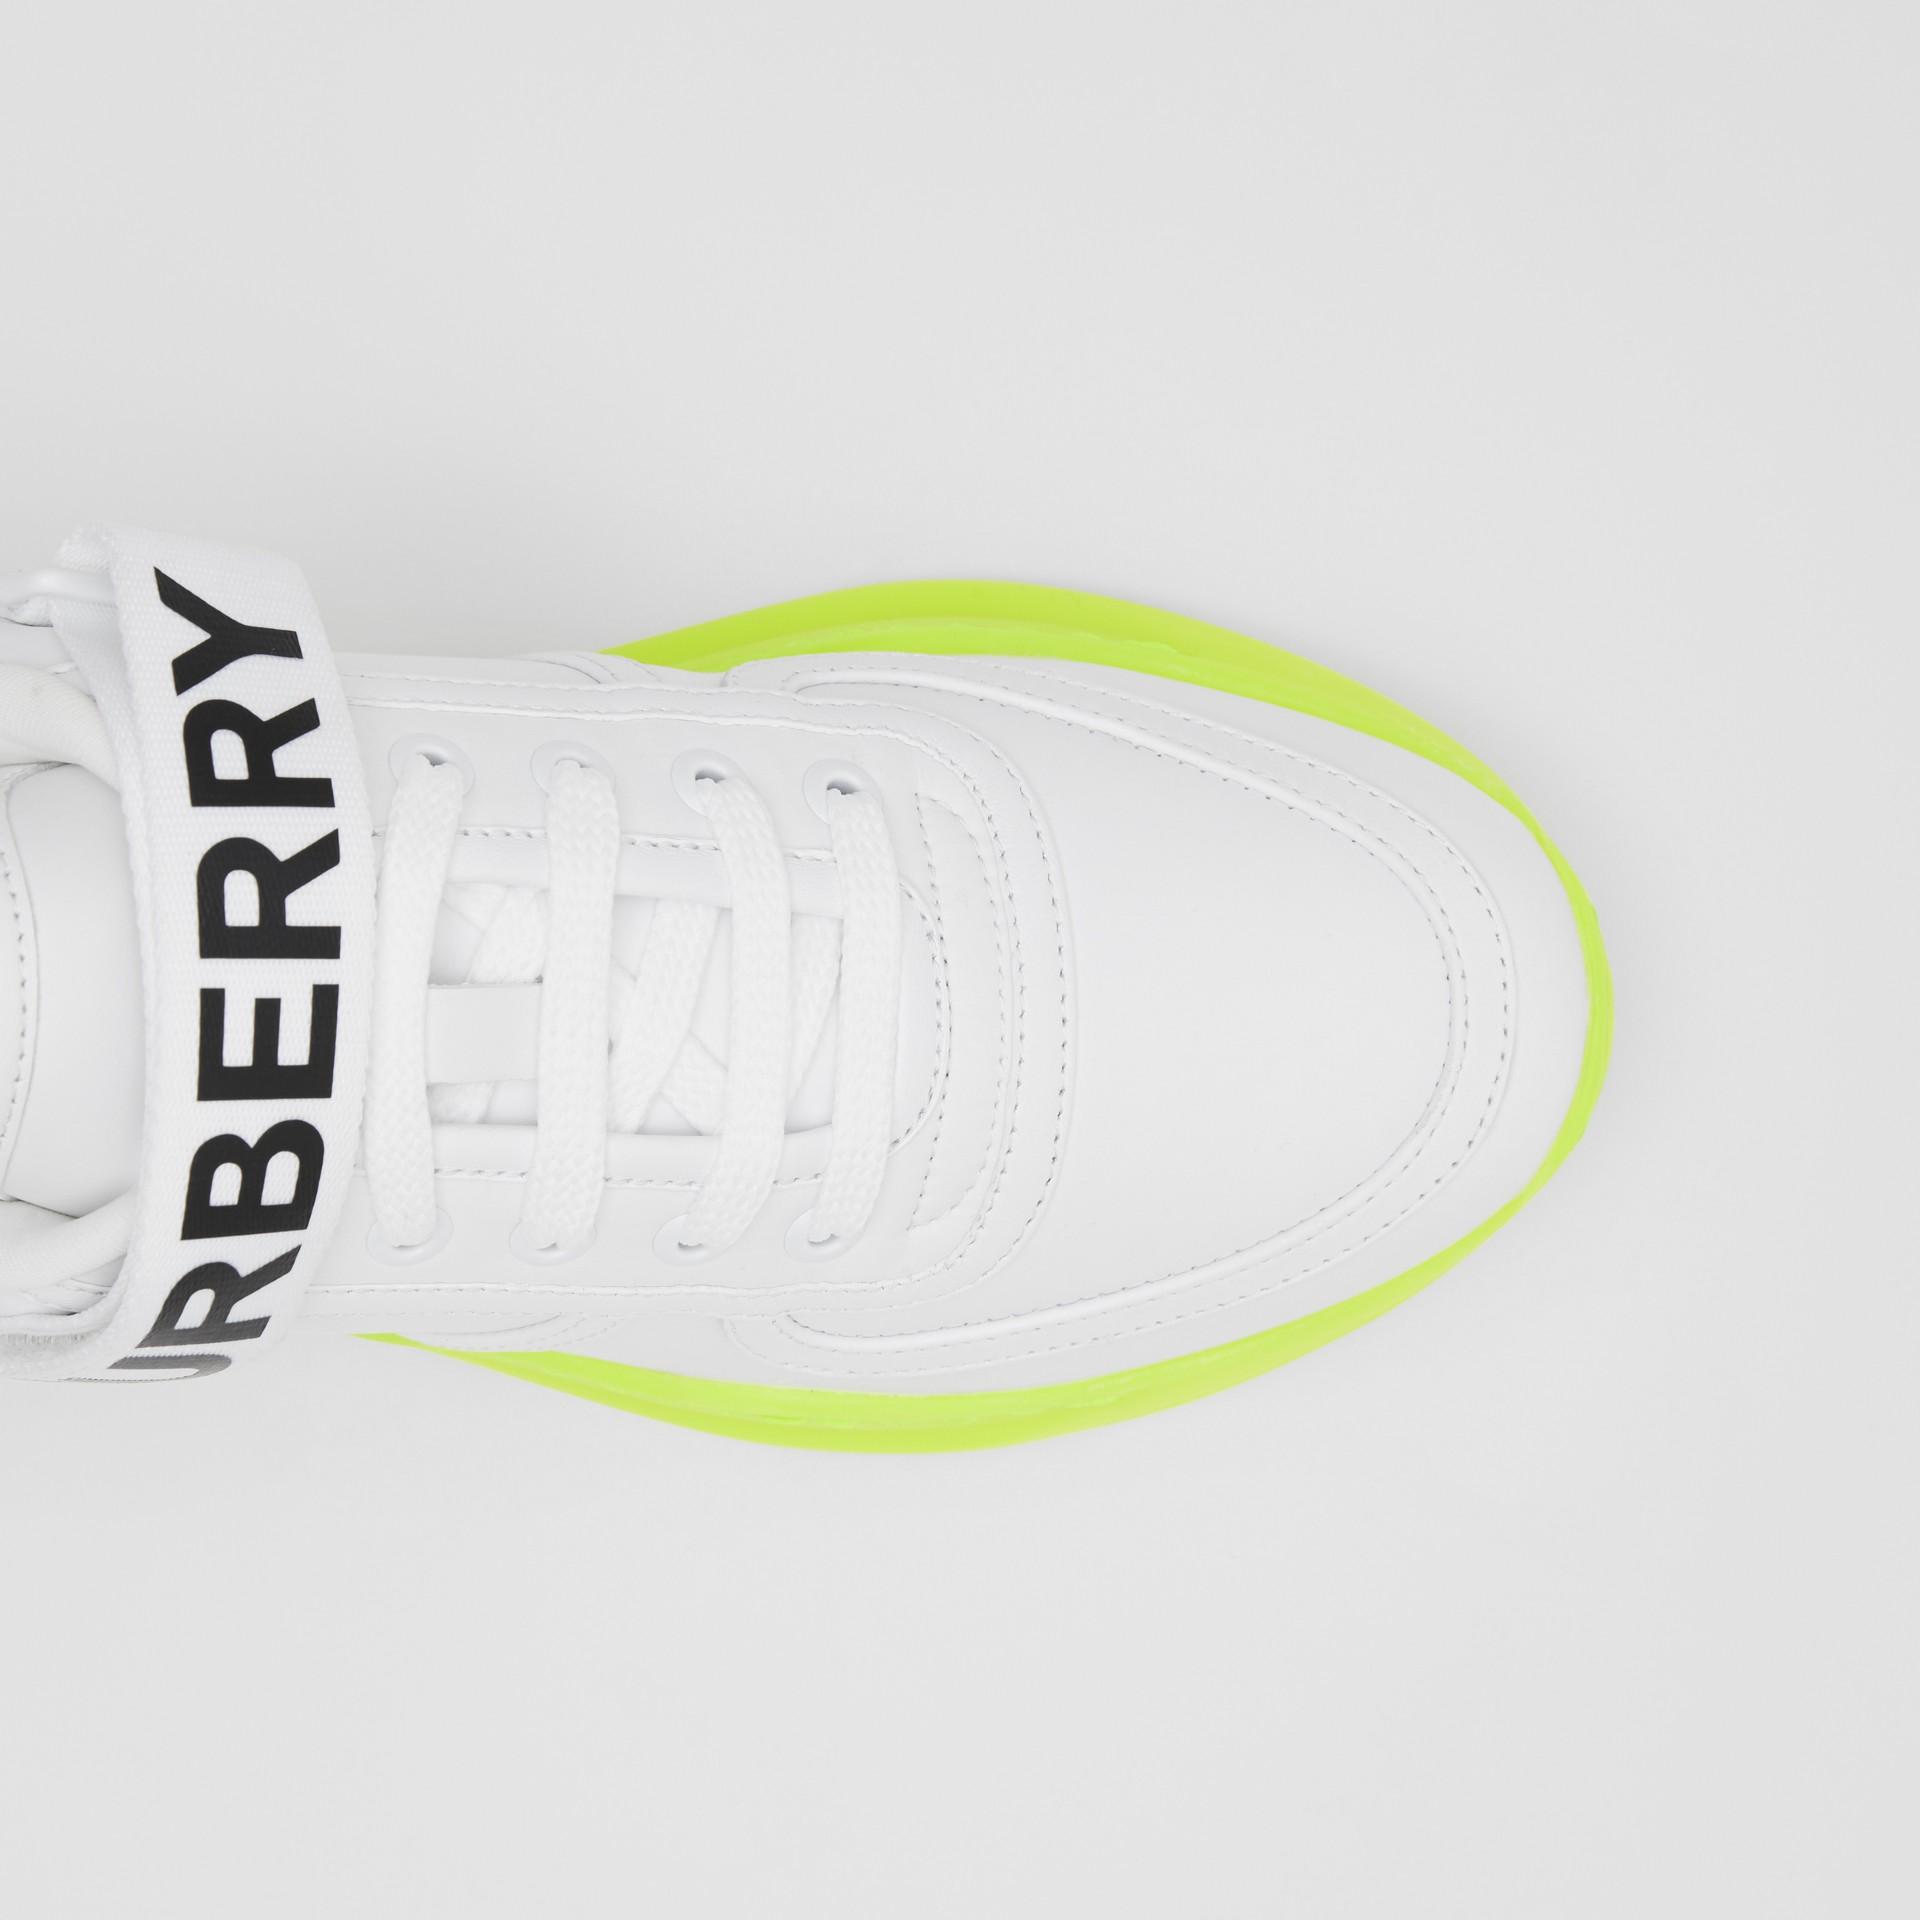 標誌細節皮革及尼龍運動鞋 (光白色/螢光黃) - 女款 | Burberry - 圖庫照片 1